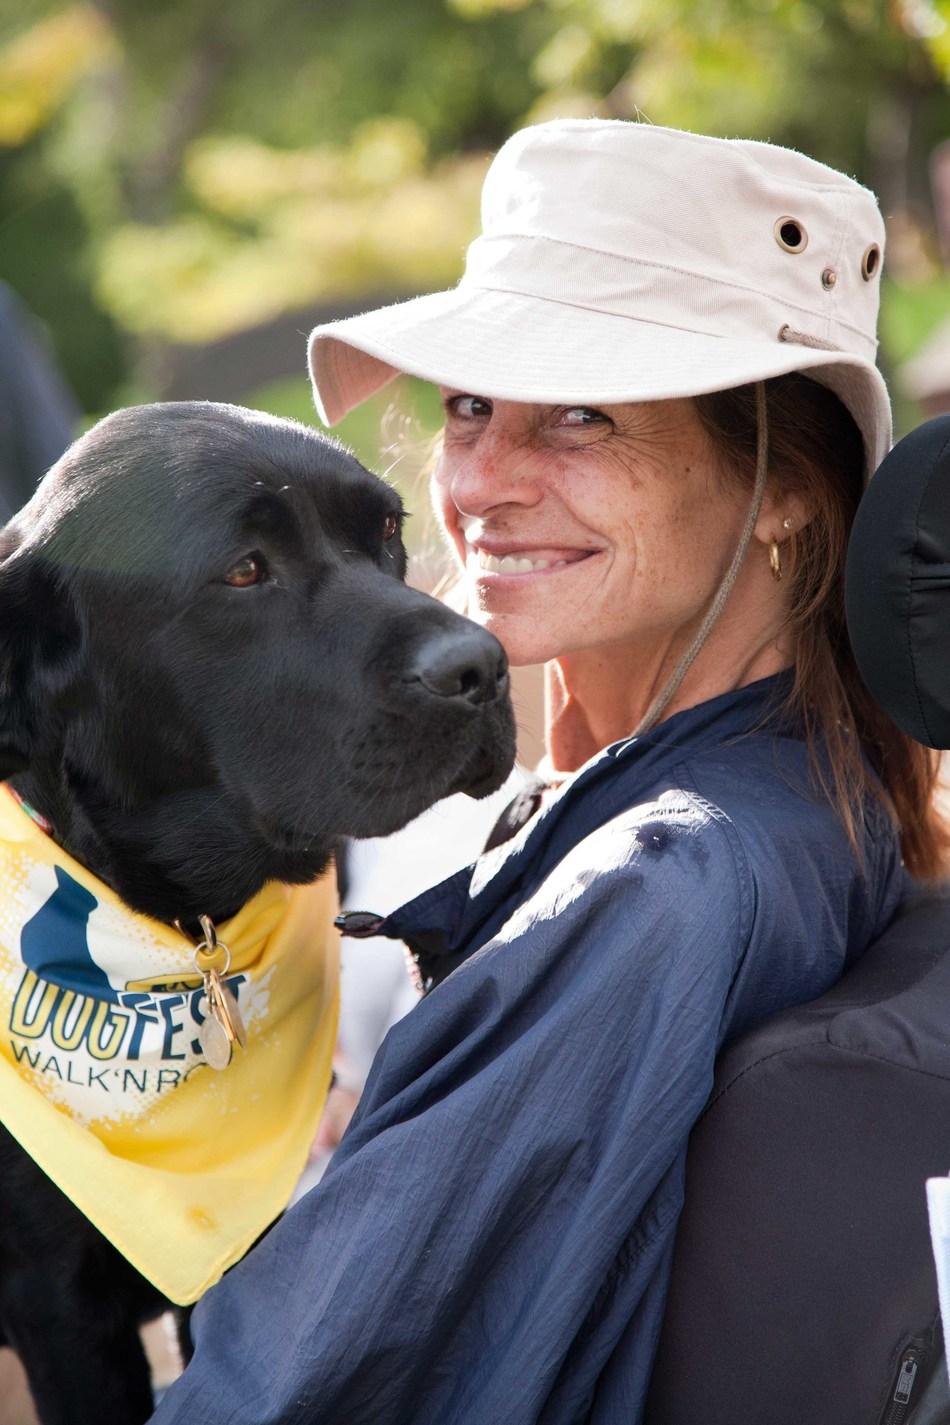 DogFest Walk 'n Roll team